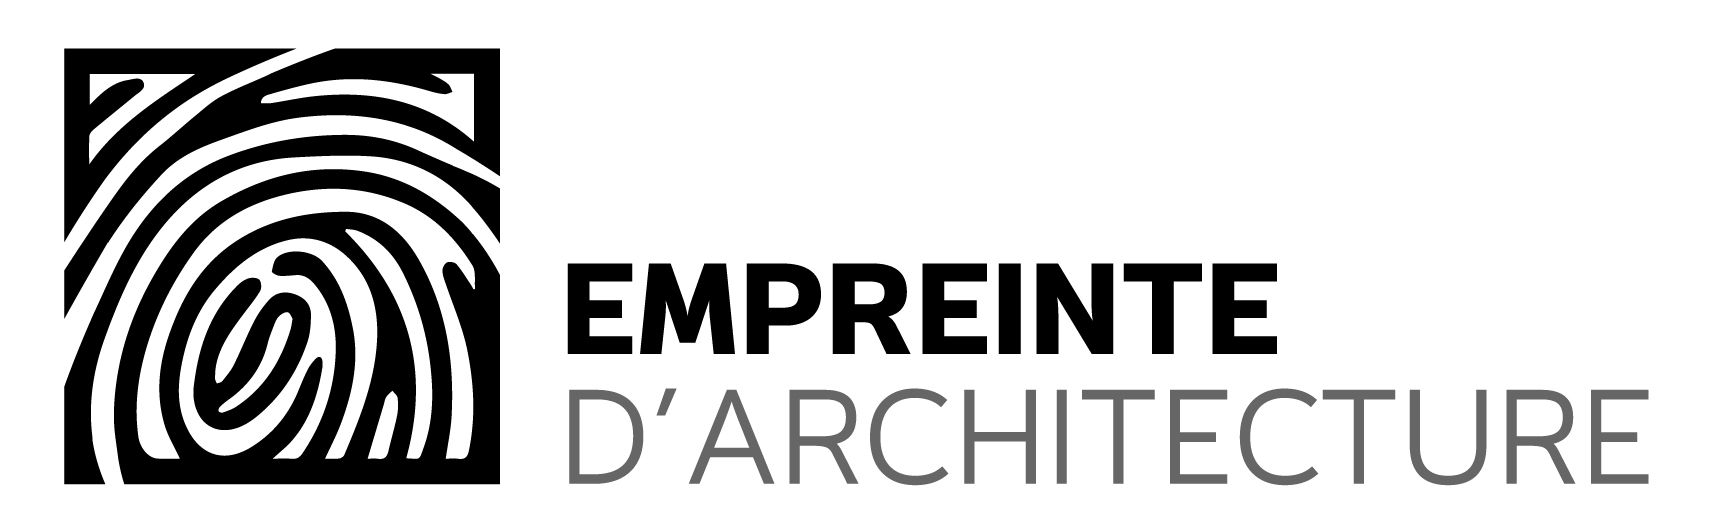 Empreinte d 39 architecture ordre des architectes for Empreinte d architectes